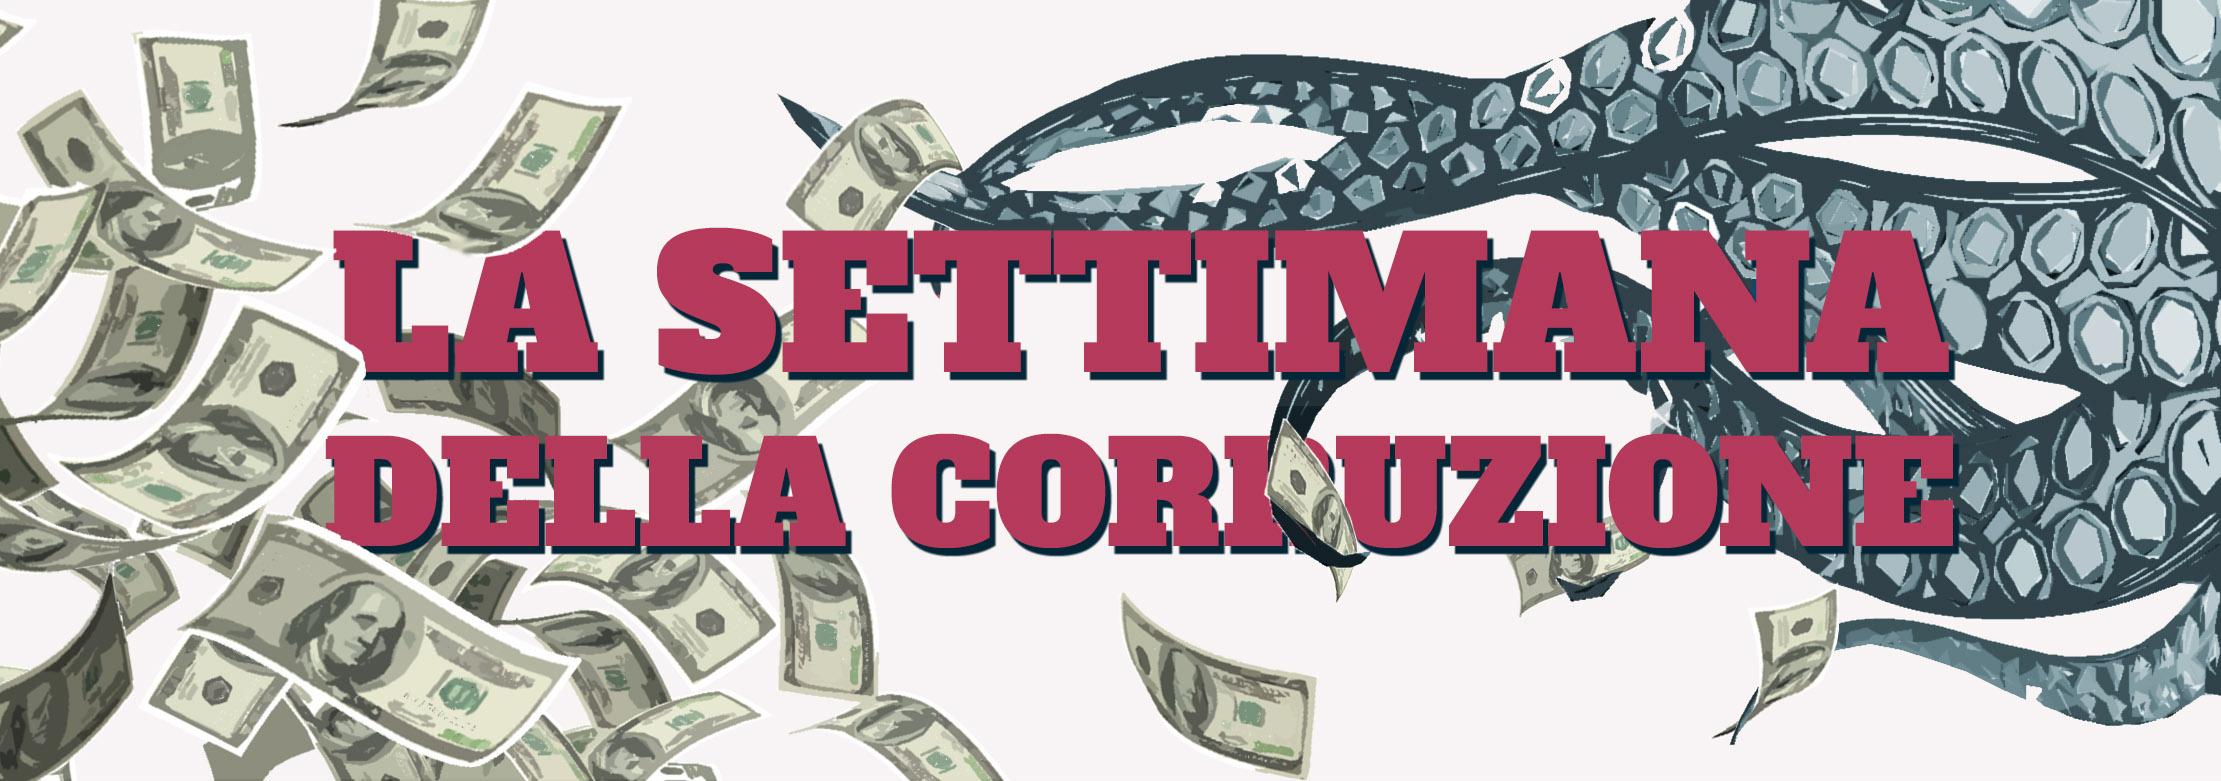 La corruzione è una piovra